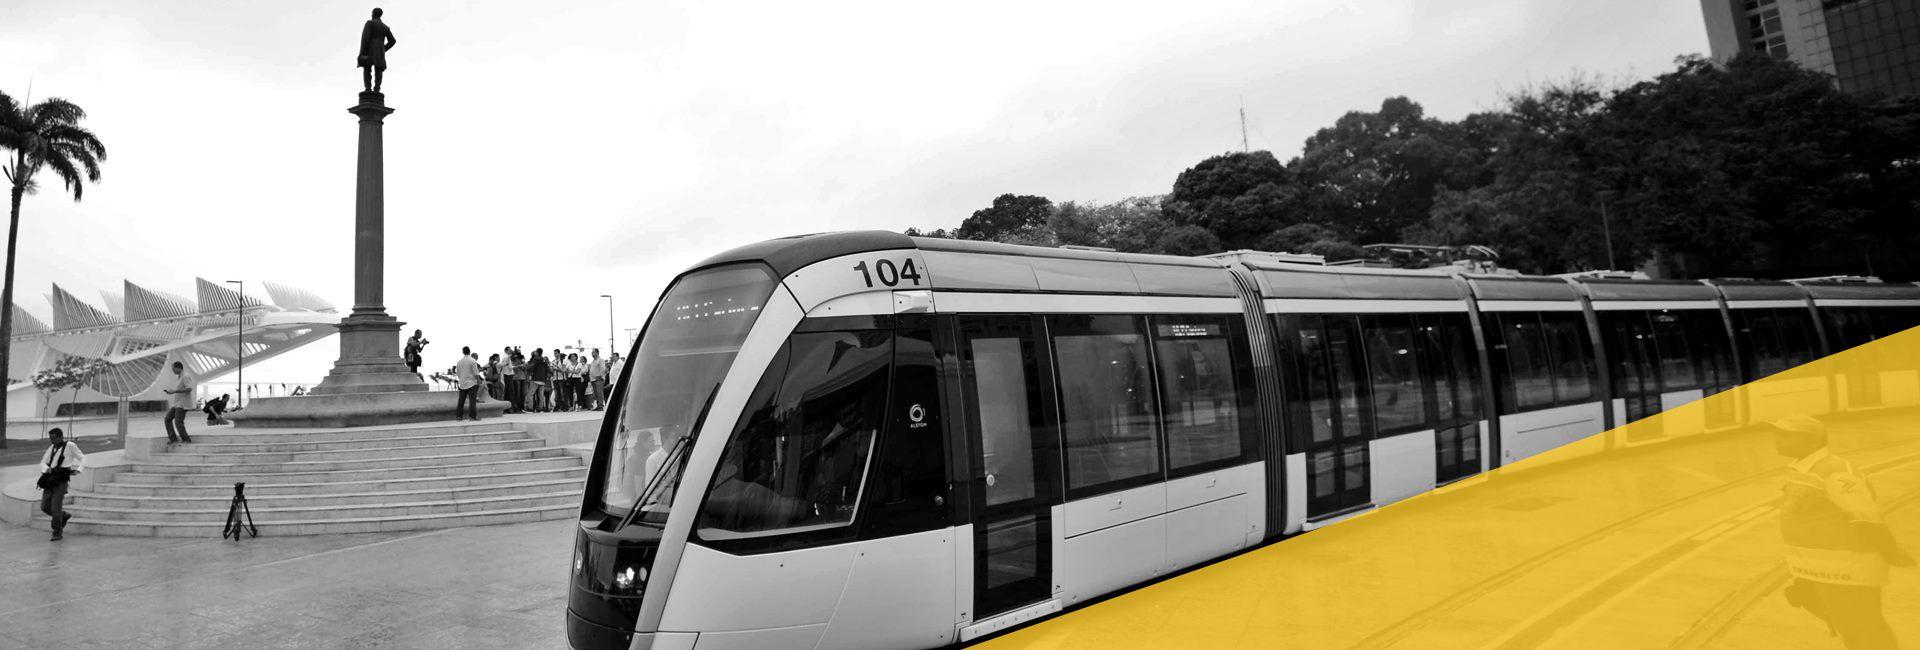 Expertise em projetos de transportes e mobilidade urbana   Expertise in transport projects and urban mobility   Licitações e Concessões - Public Bid